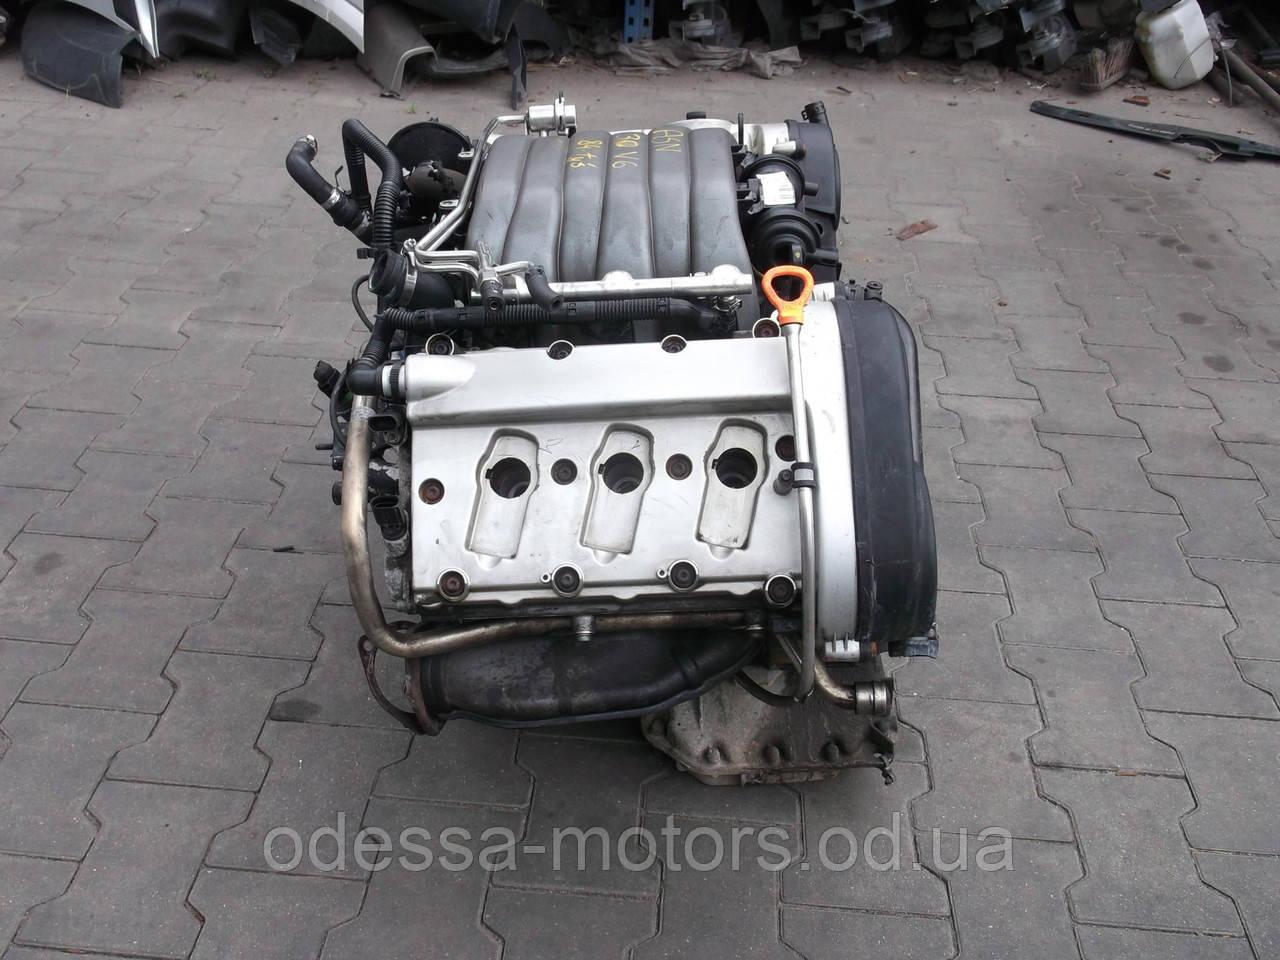 Двигатель Audi A8 3.0 2003-2005 тип мотора ASN, фото 1